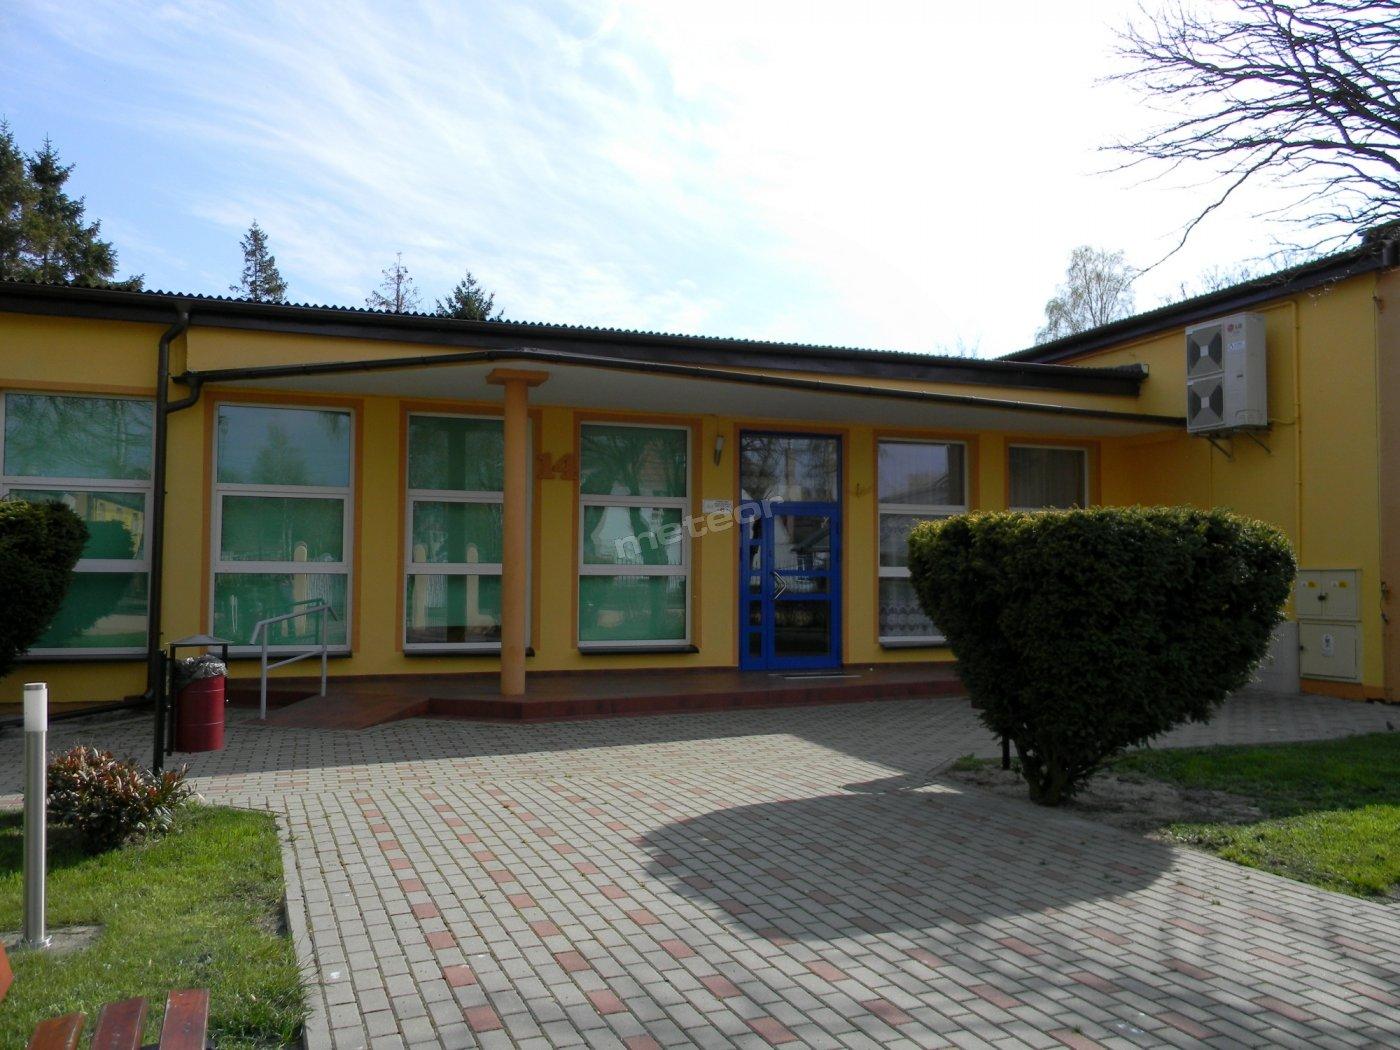 Wejście na teren ośrodka kolonijnego Słoneczko w Łebie